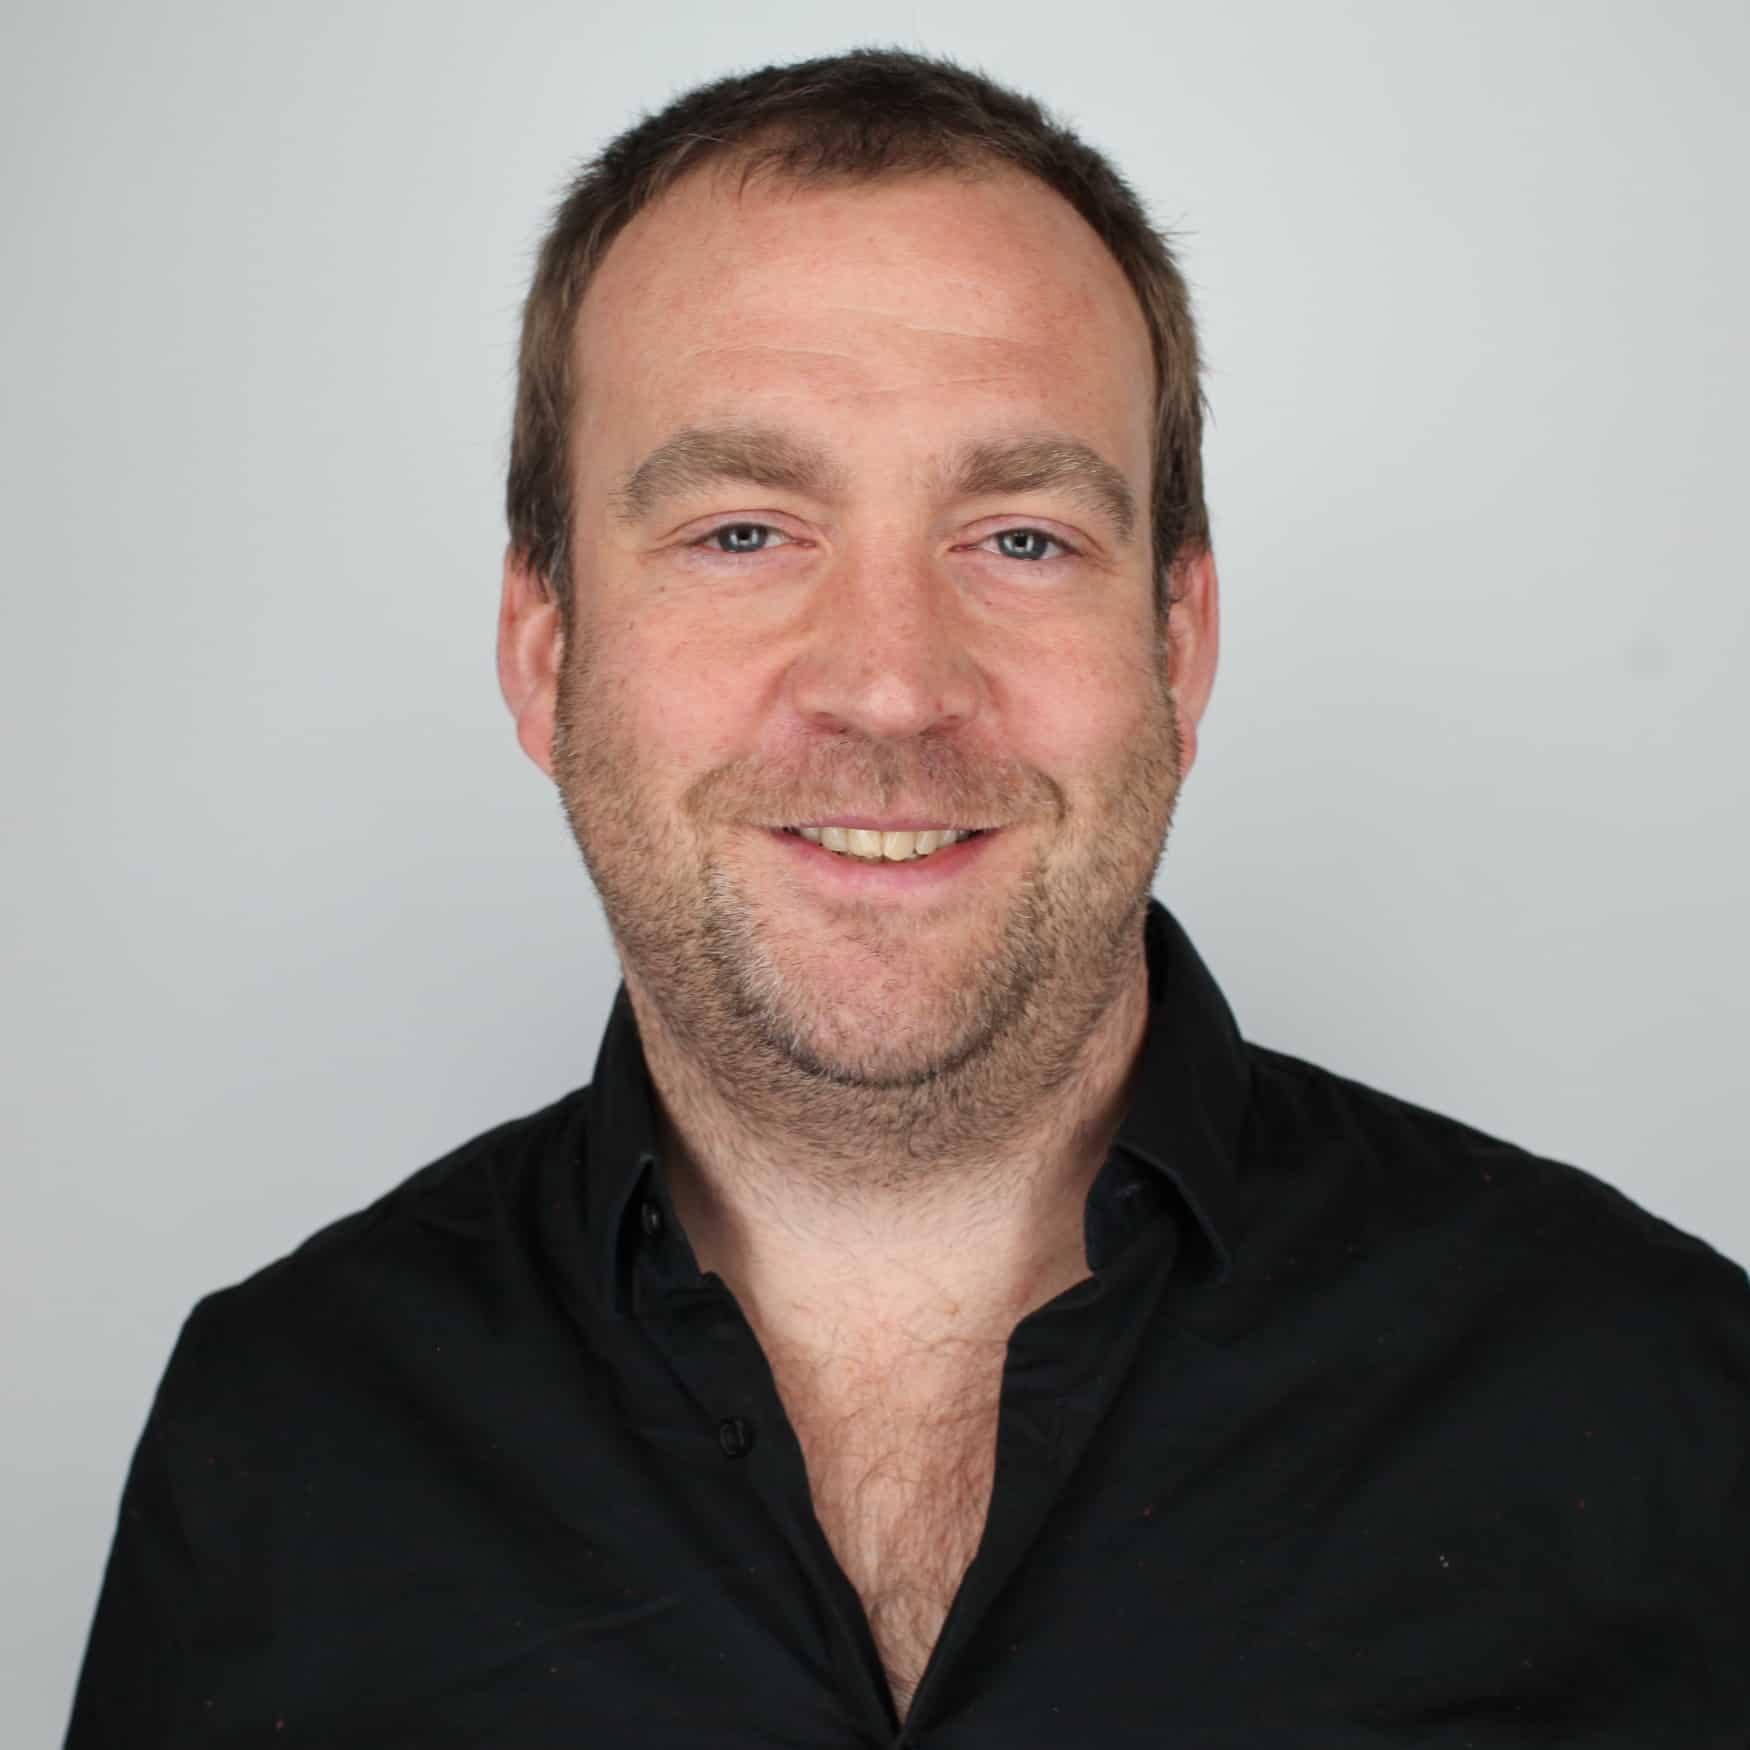 Dave Garnish